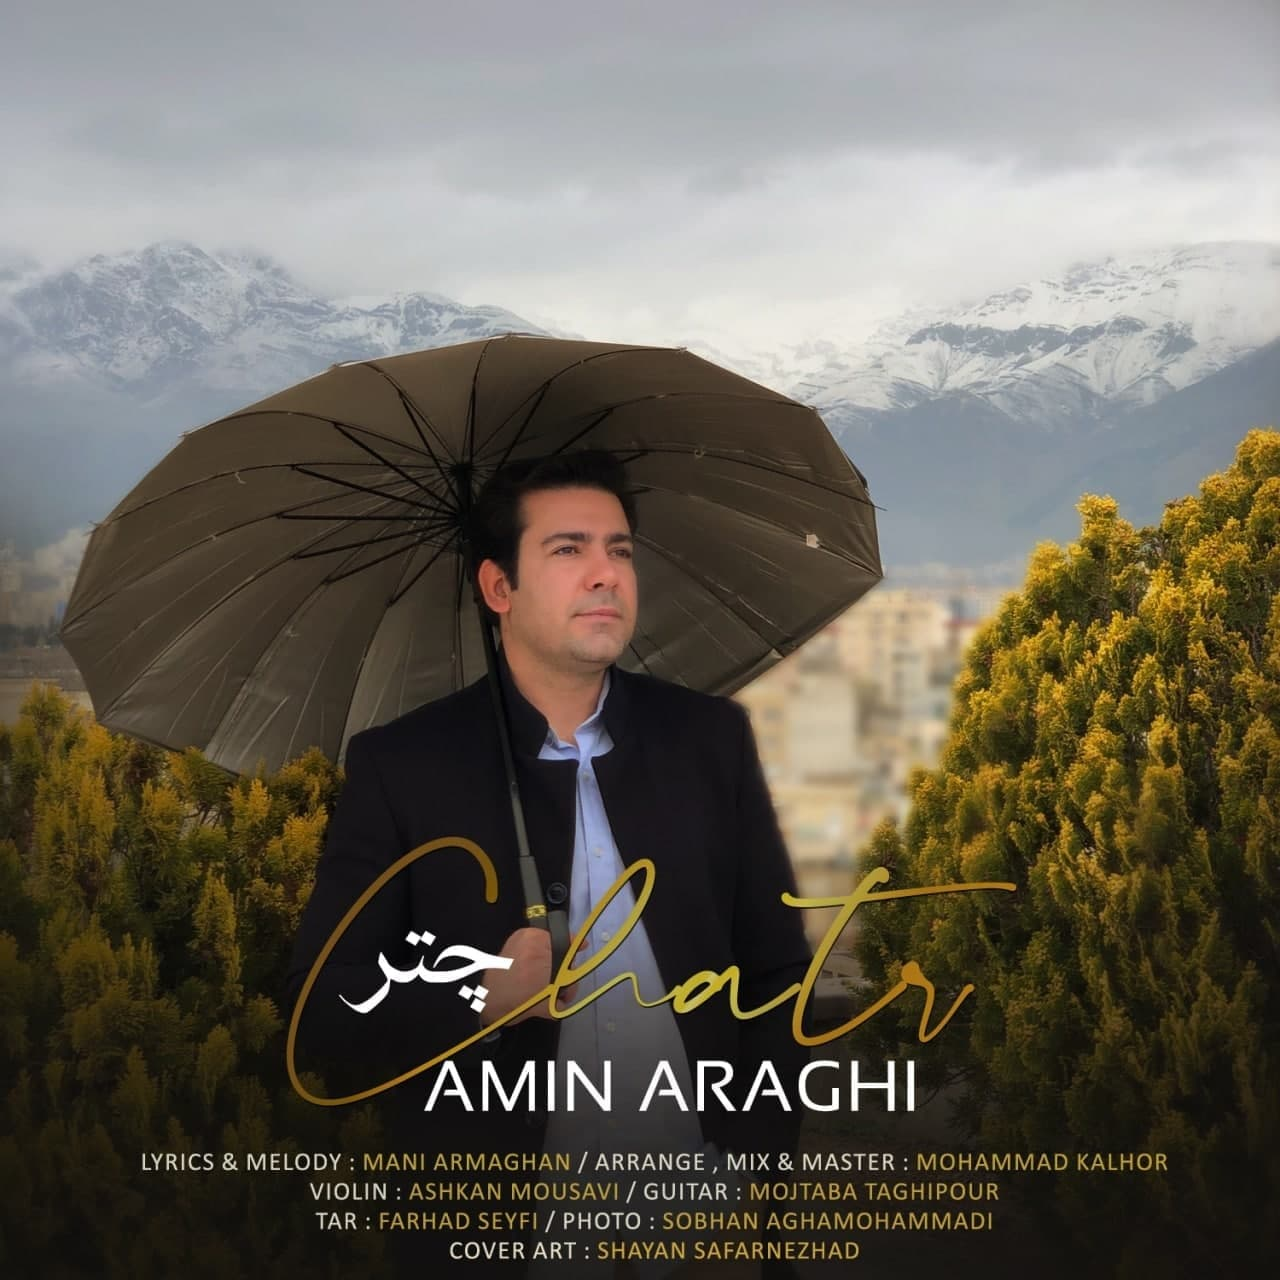 دانلود آهنگ امین عراقی چتر